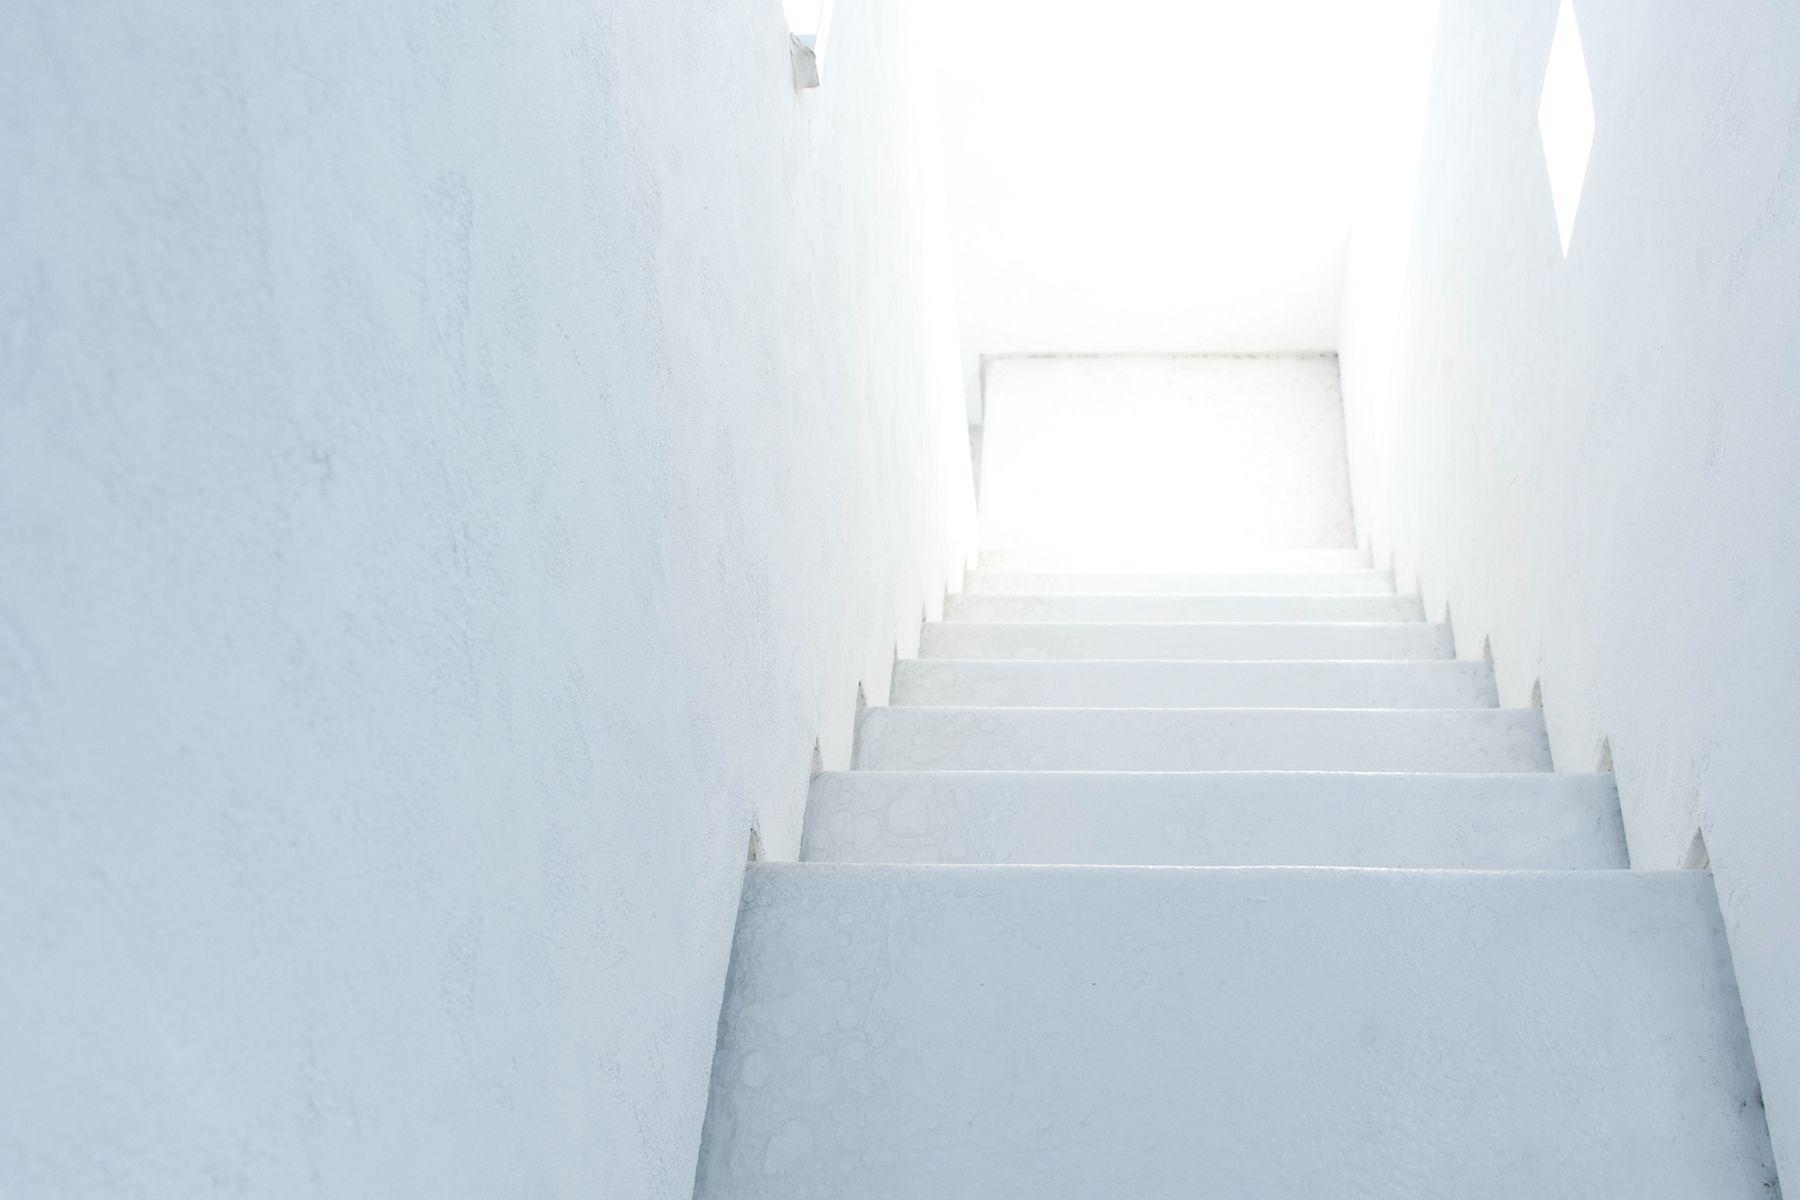 104/個人宅 (イチマルヨン)RF 階段